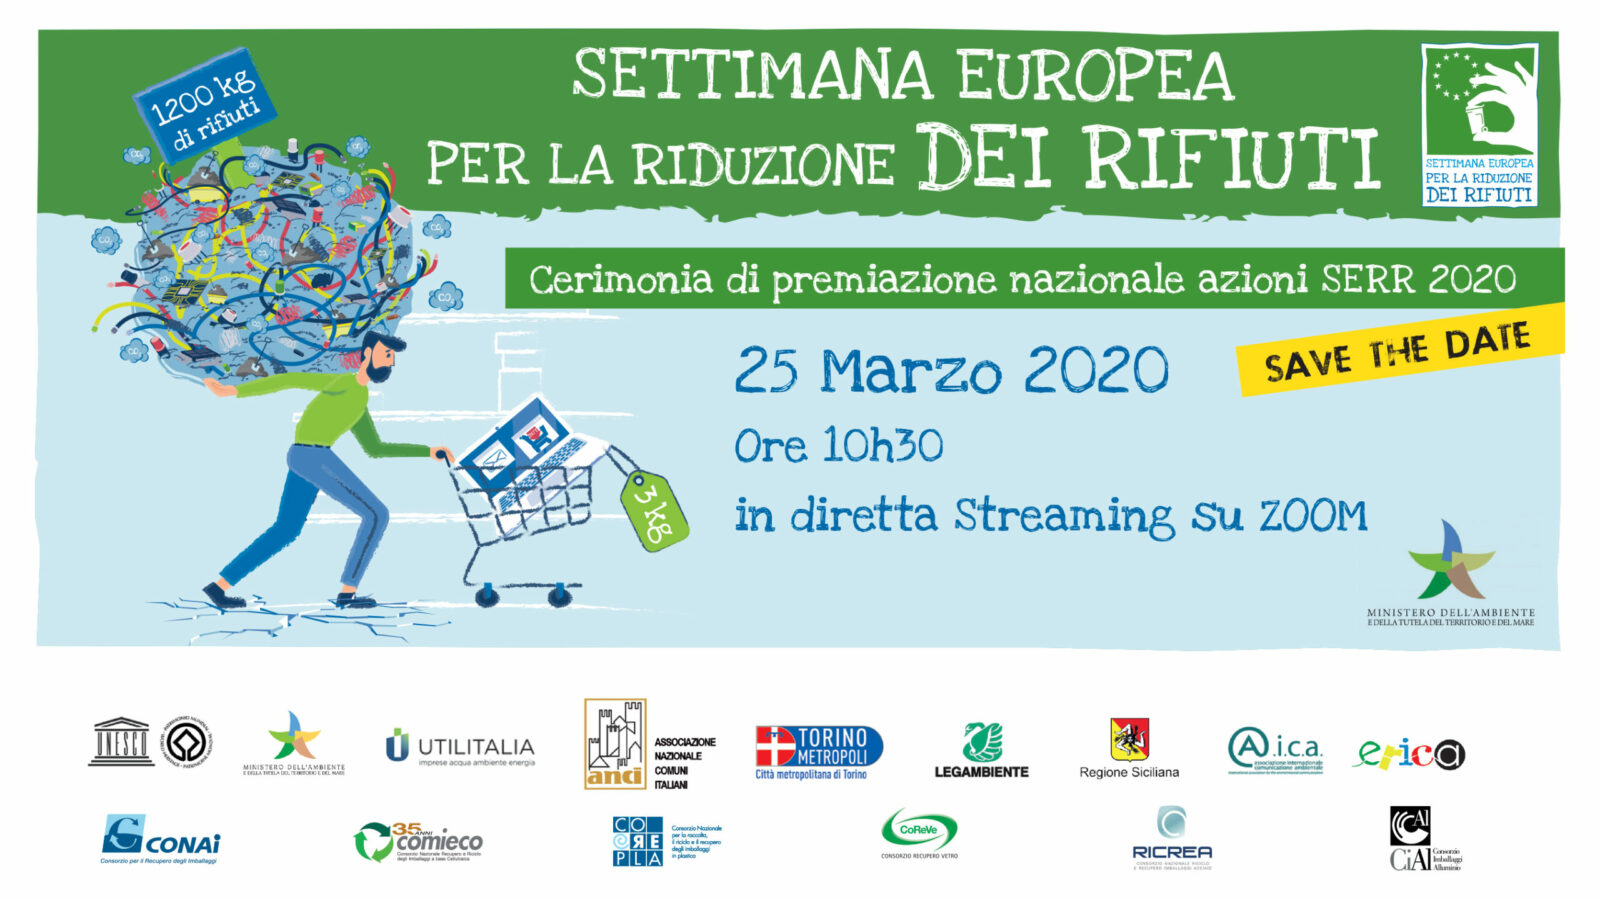 Le premiazioni italiane delle migliori azioni SERR 2020 saranno il 25 Marzo, ore 10,30